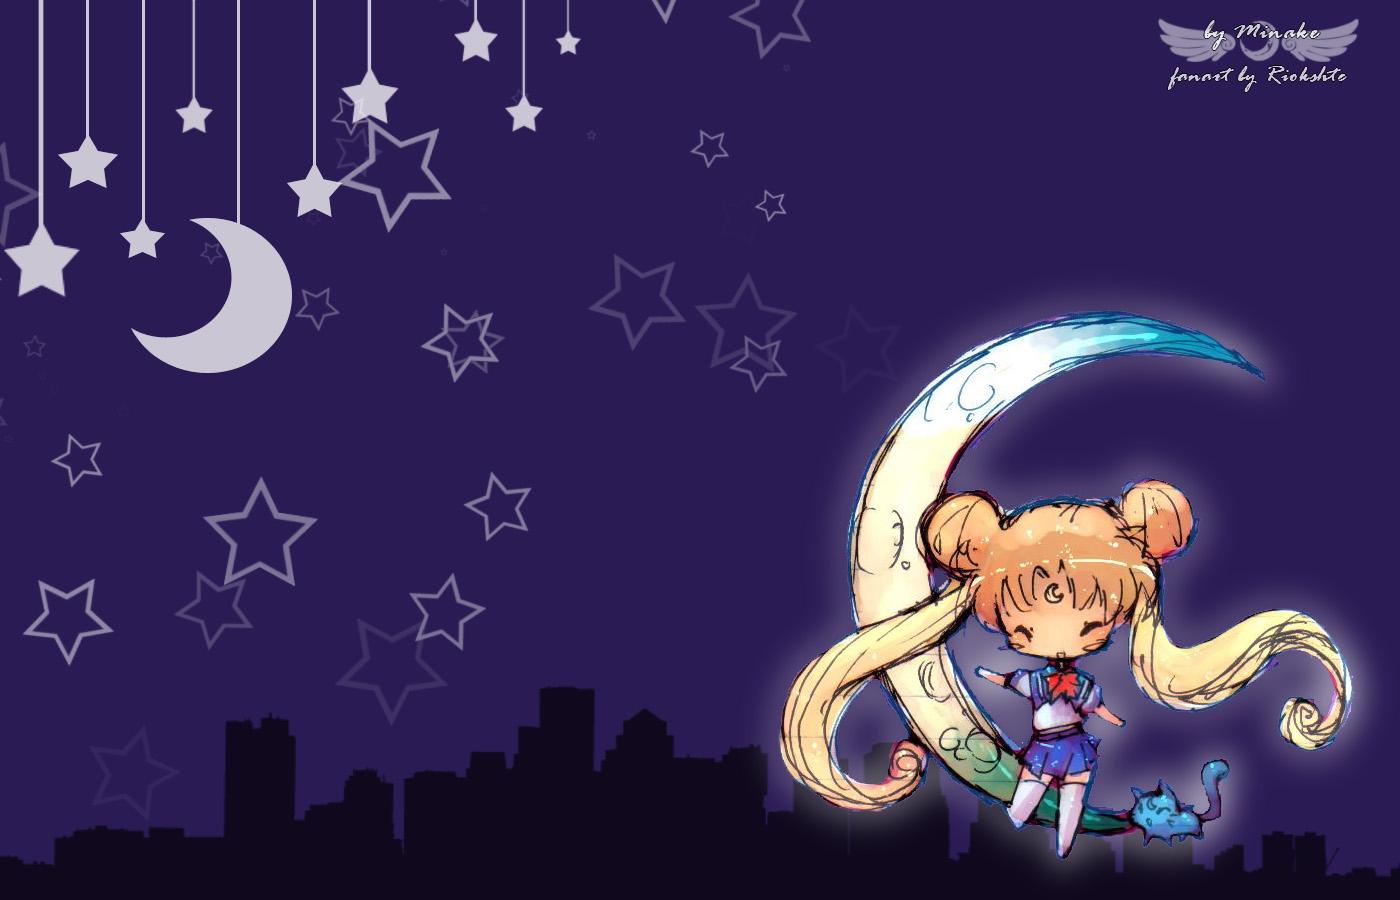 Sailor Moon Wallpapers  ANIME